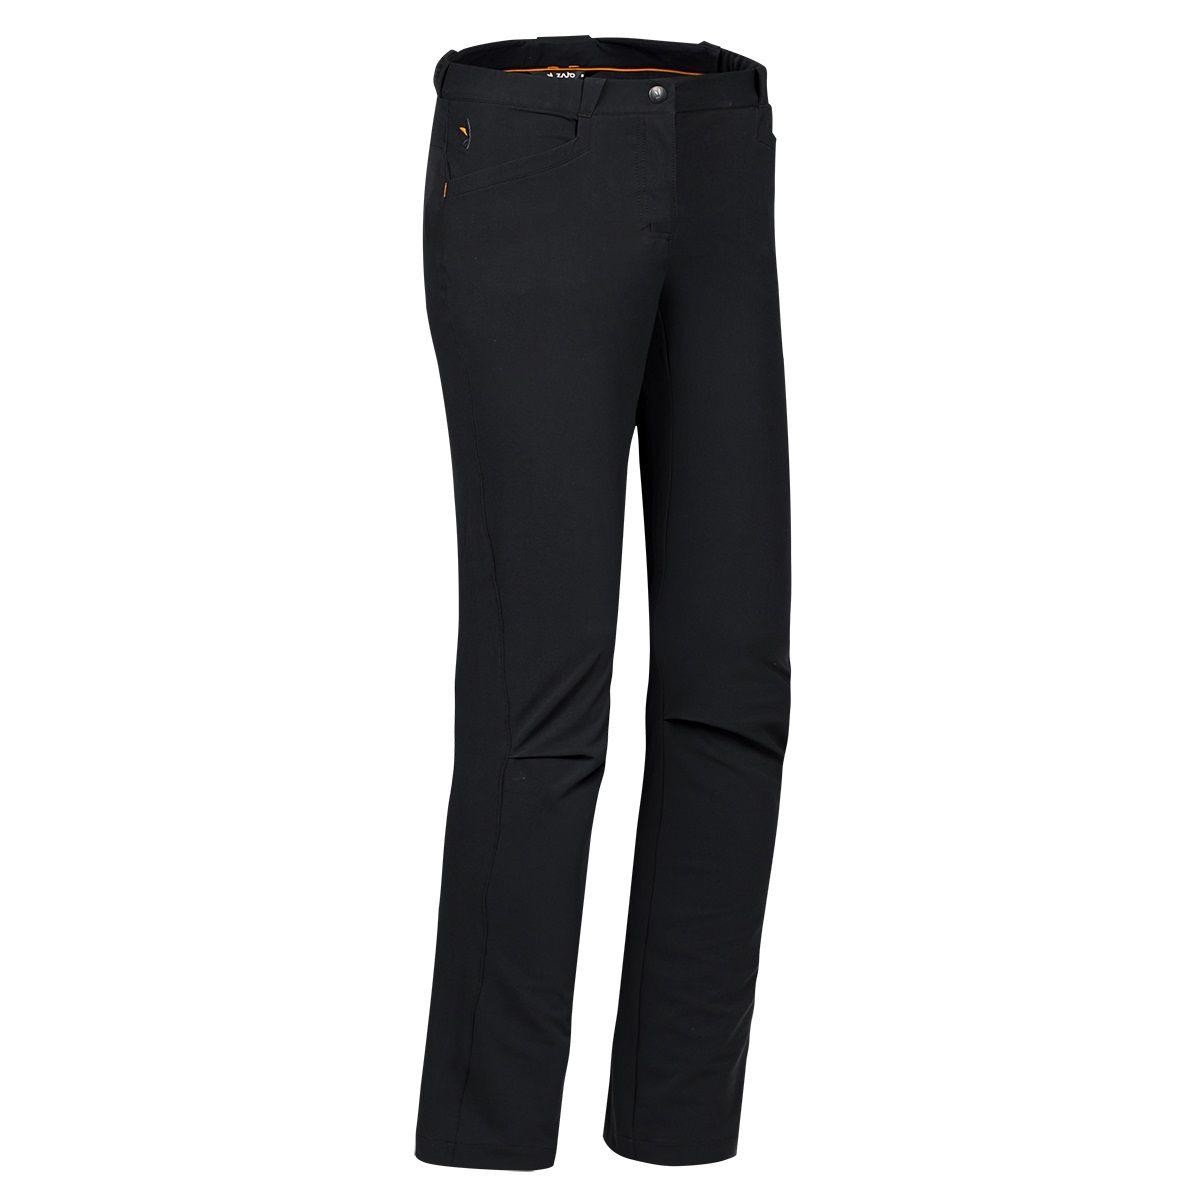 Zajo Grip Neo W Pants black L